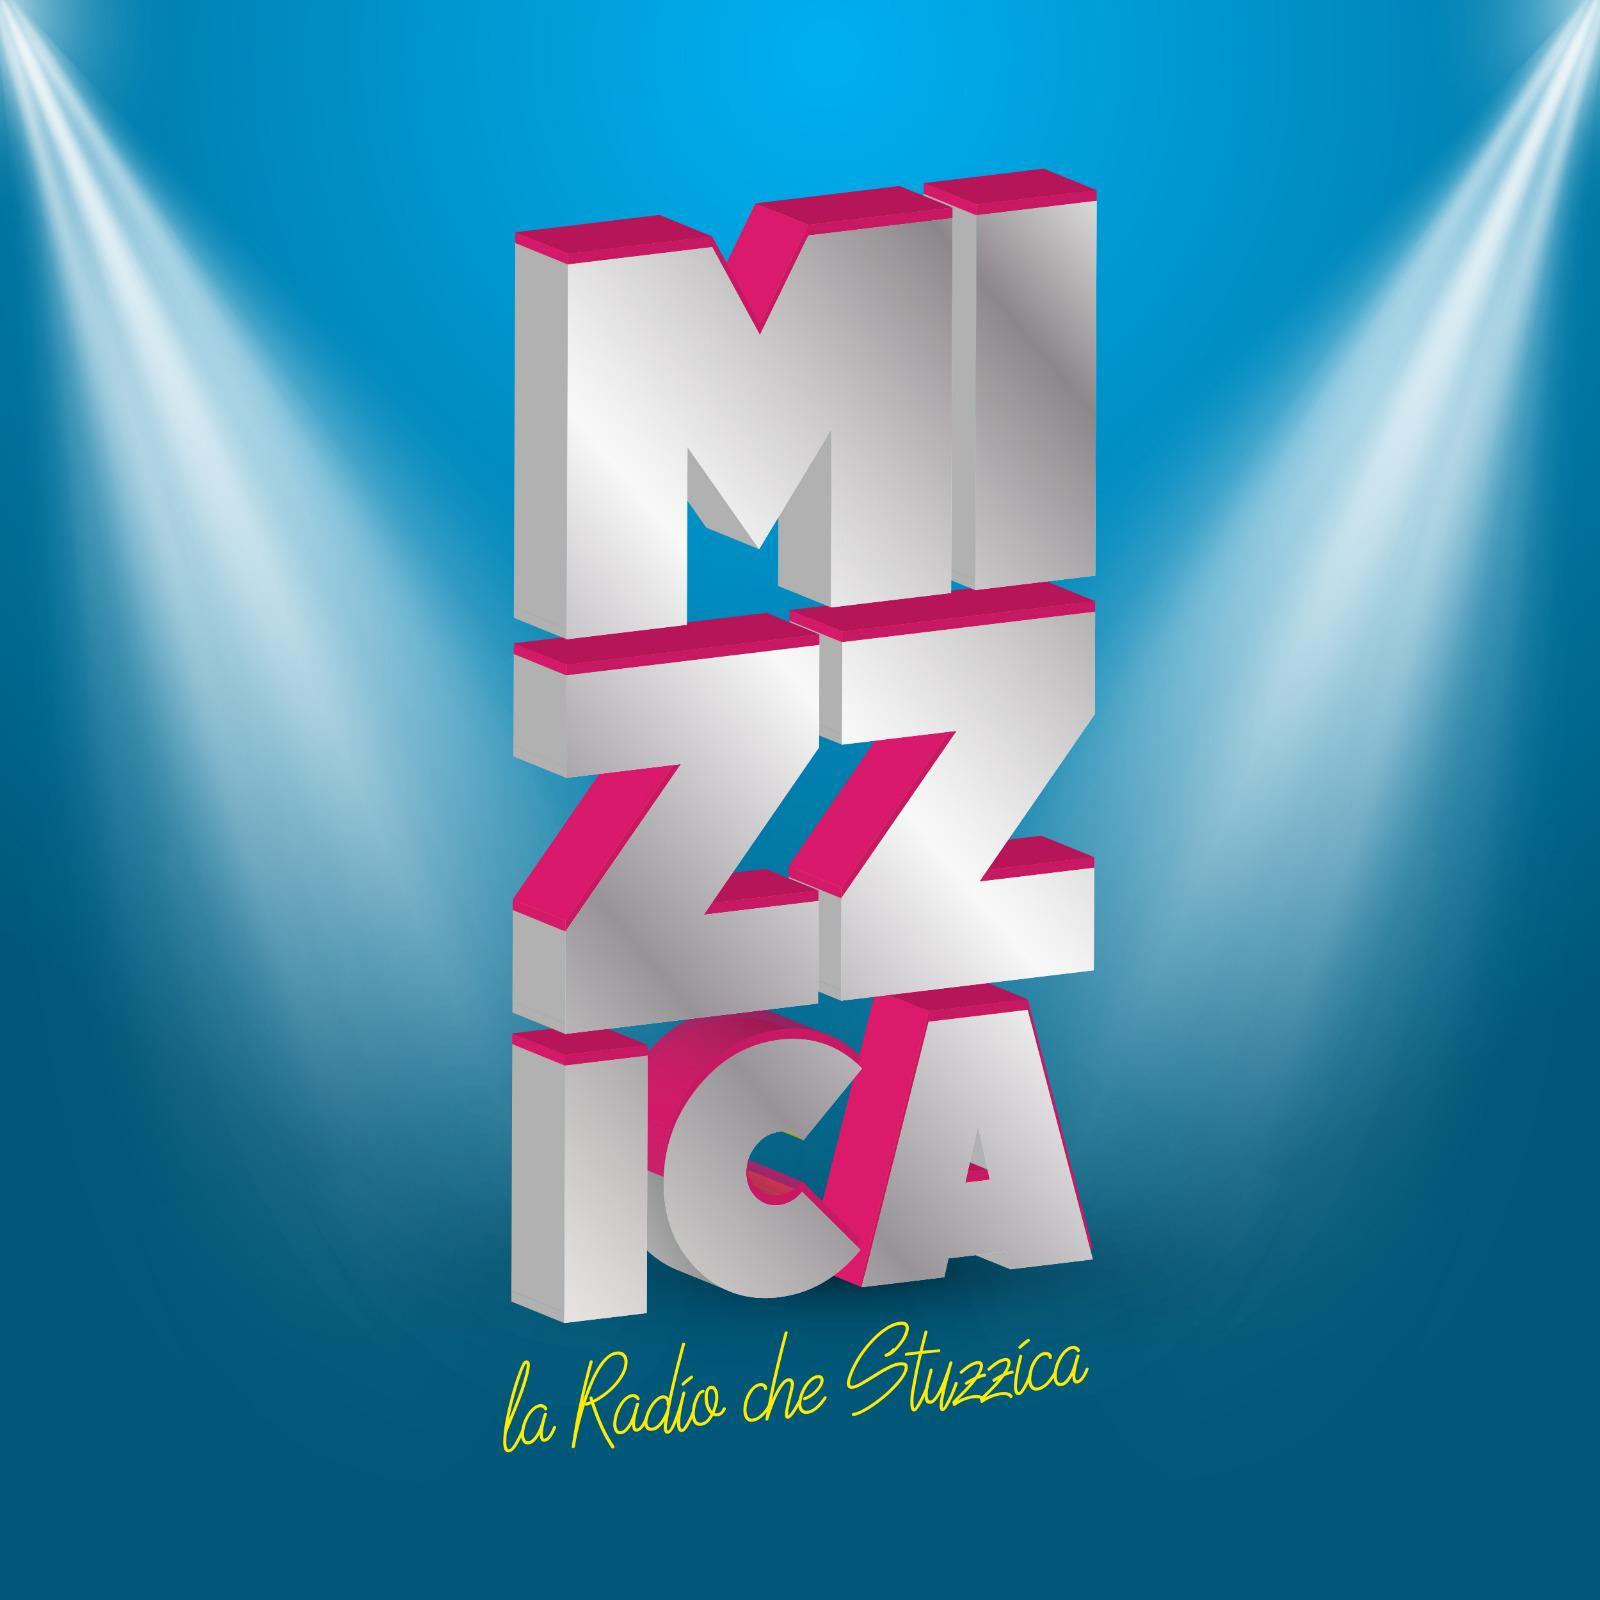 Ritorna MIZZICA LA RADIO CHE STUZZICA! In diretta su Radio Studio Centrale. Dal lunedì al venerdì dalle 12 alle 14 ed in replica a mezzanotte